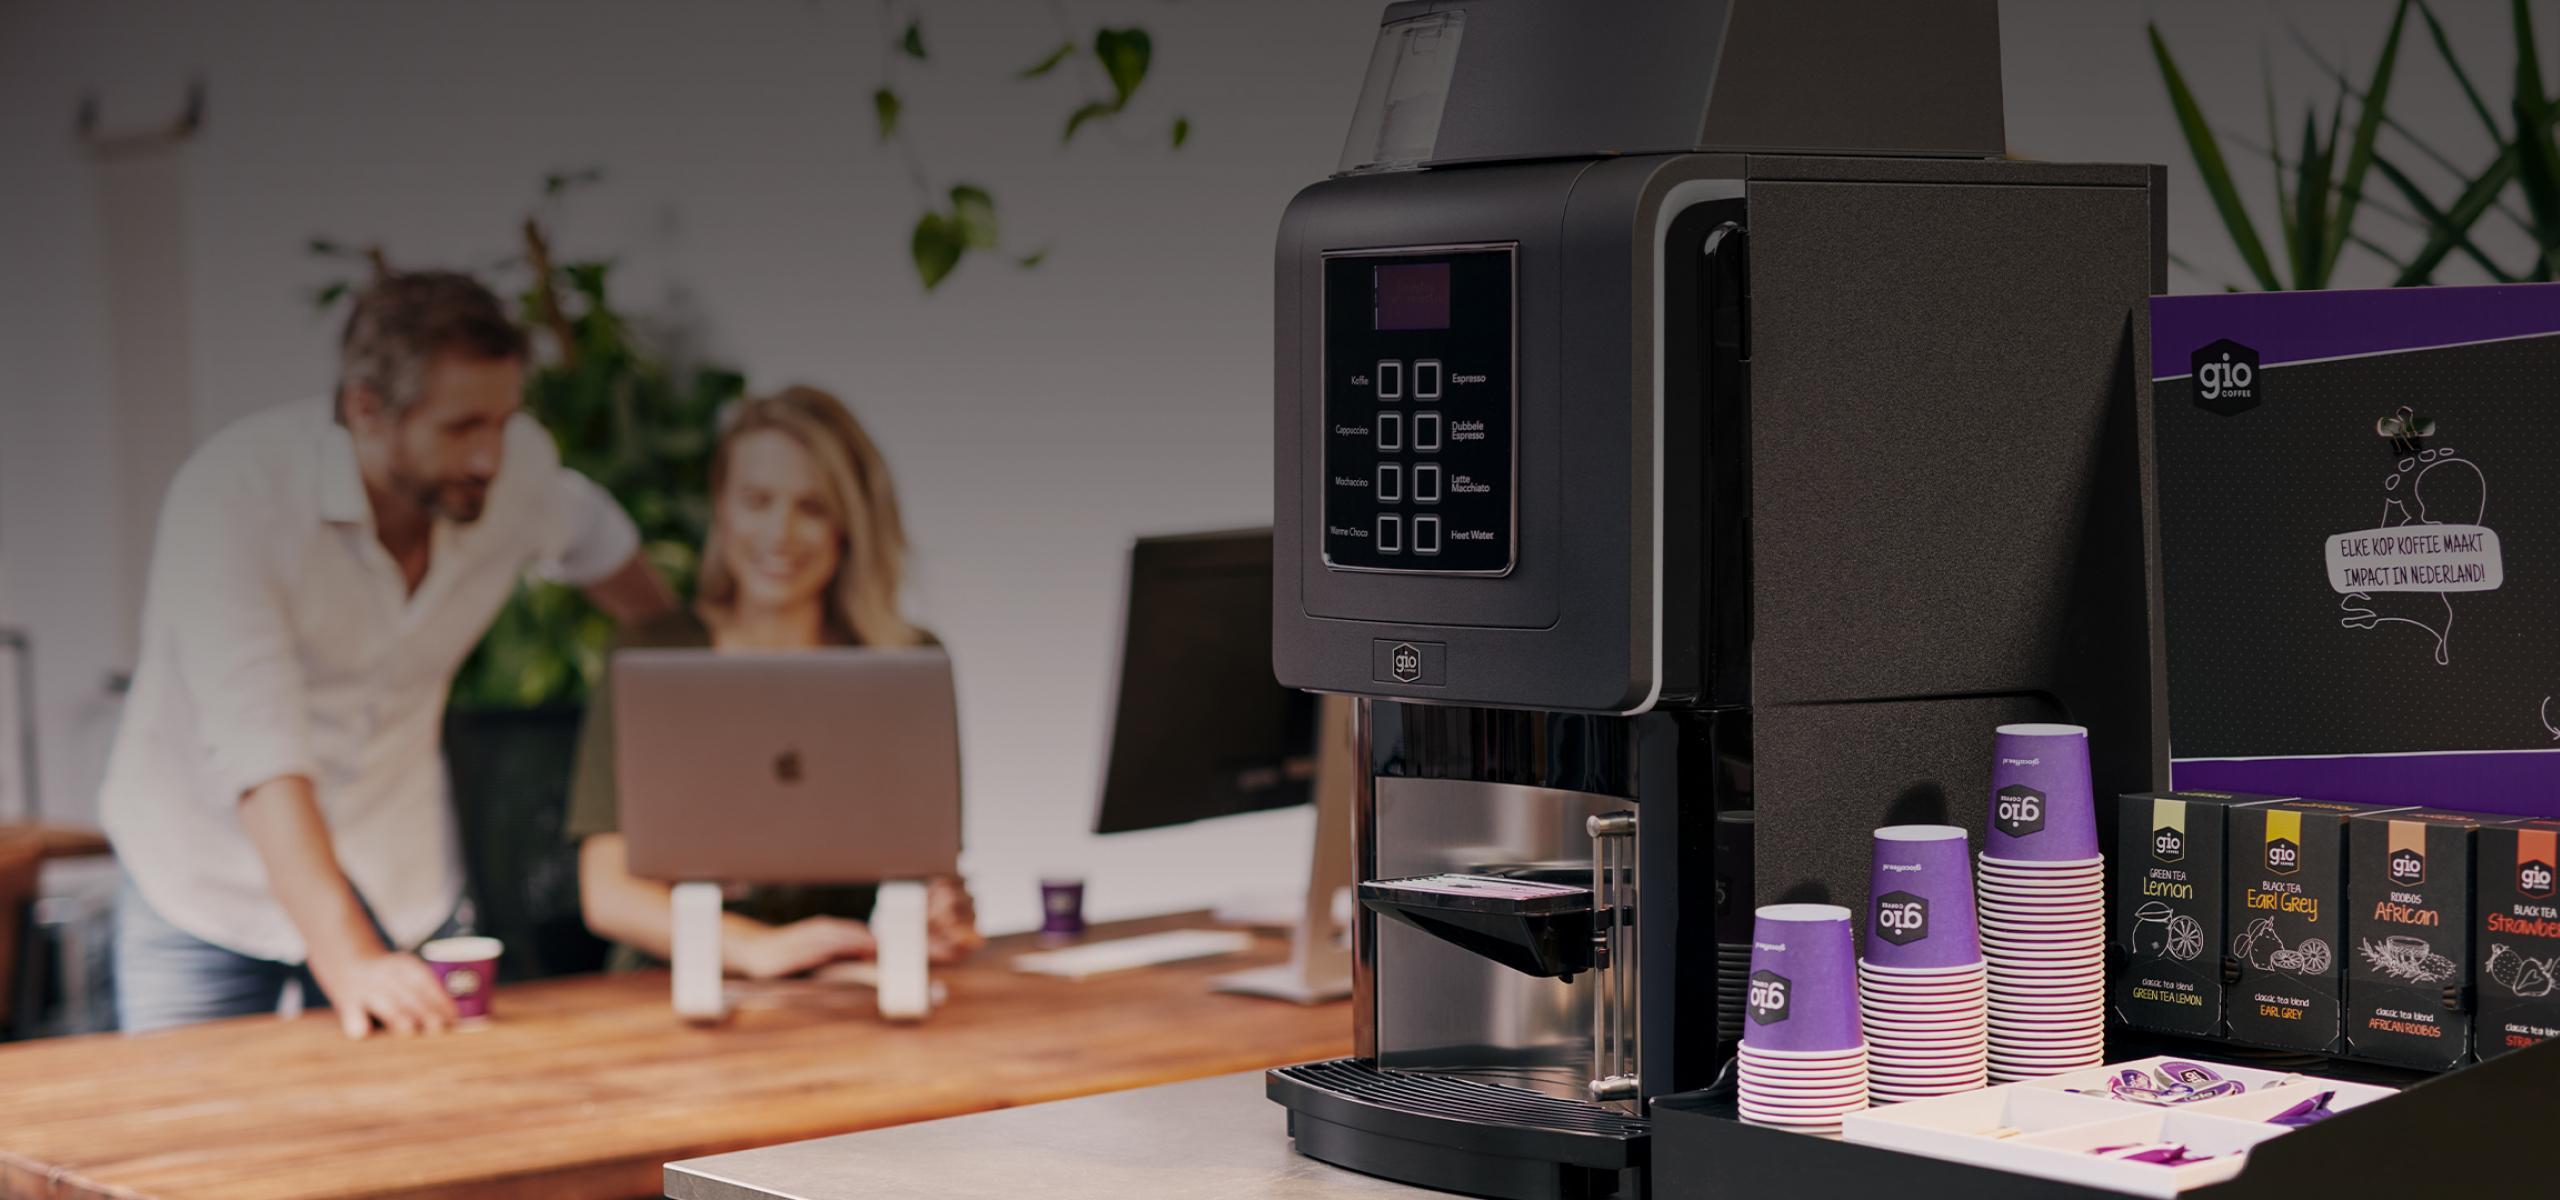 Gio Coffee koffiezetapparaat voor bedrijven